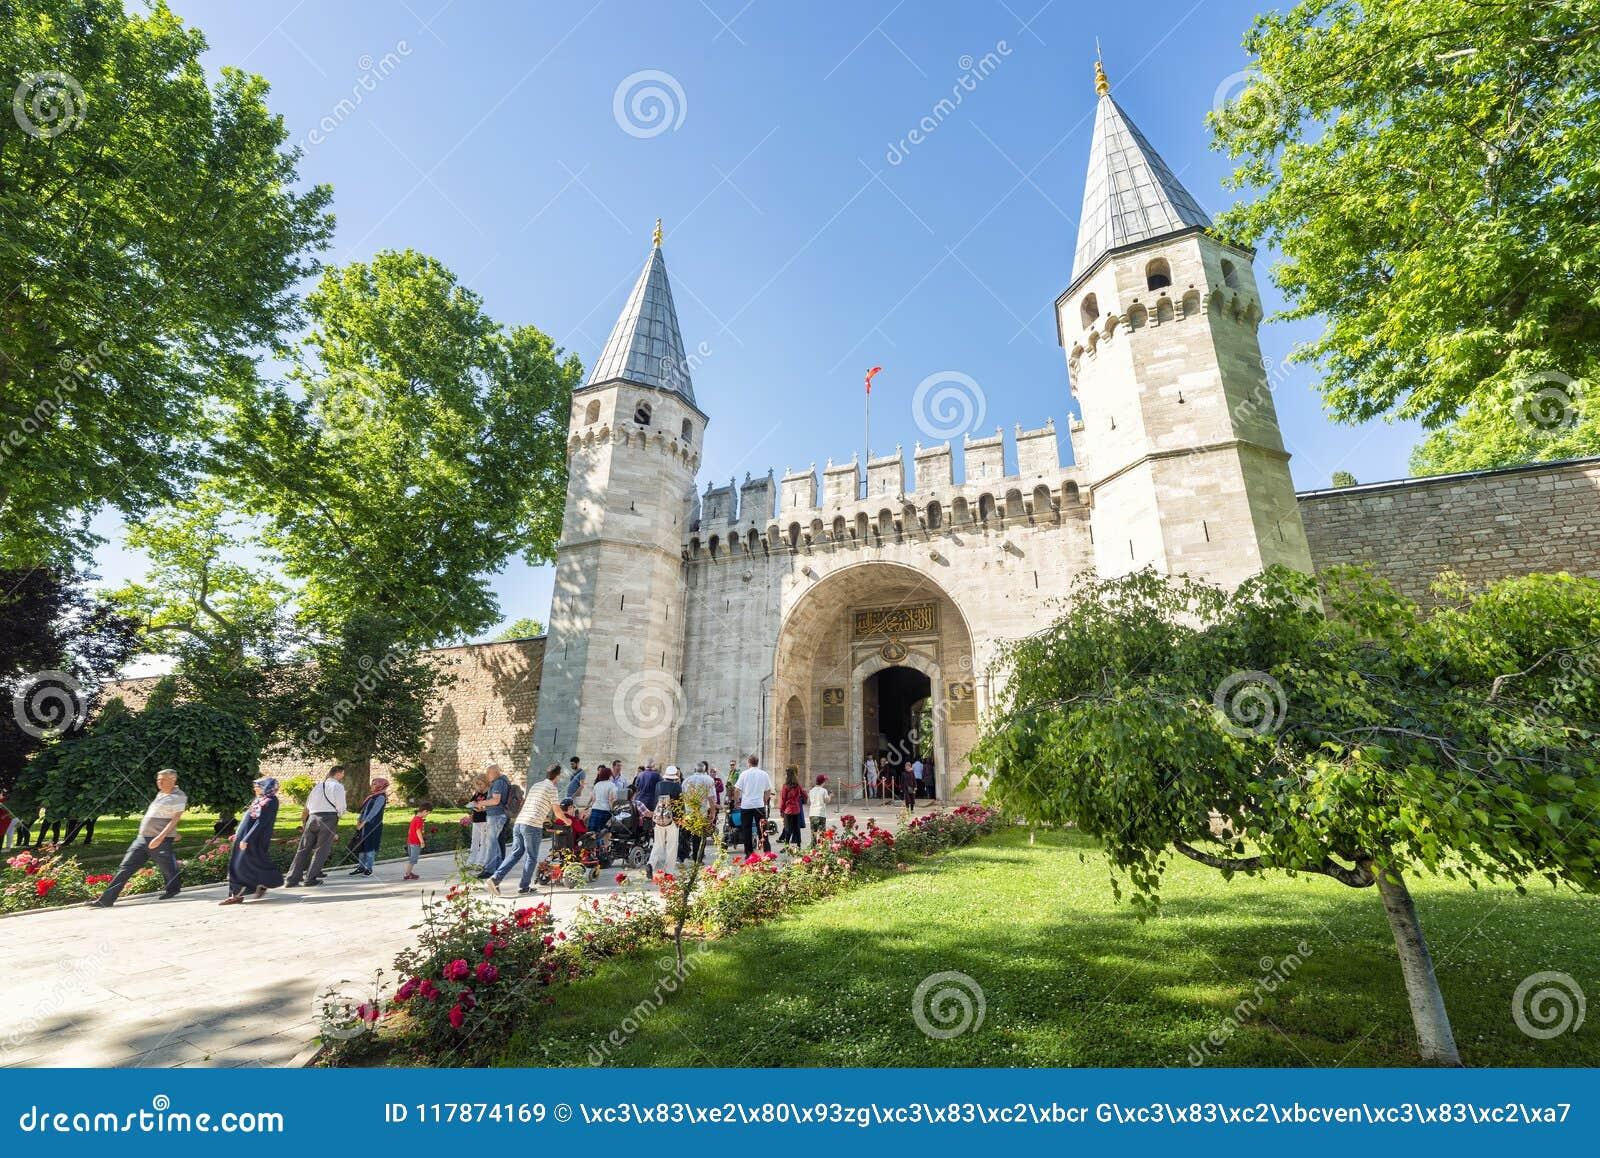 Entrada del palacio de Topkapi, Estambul, Turquía